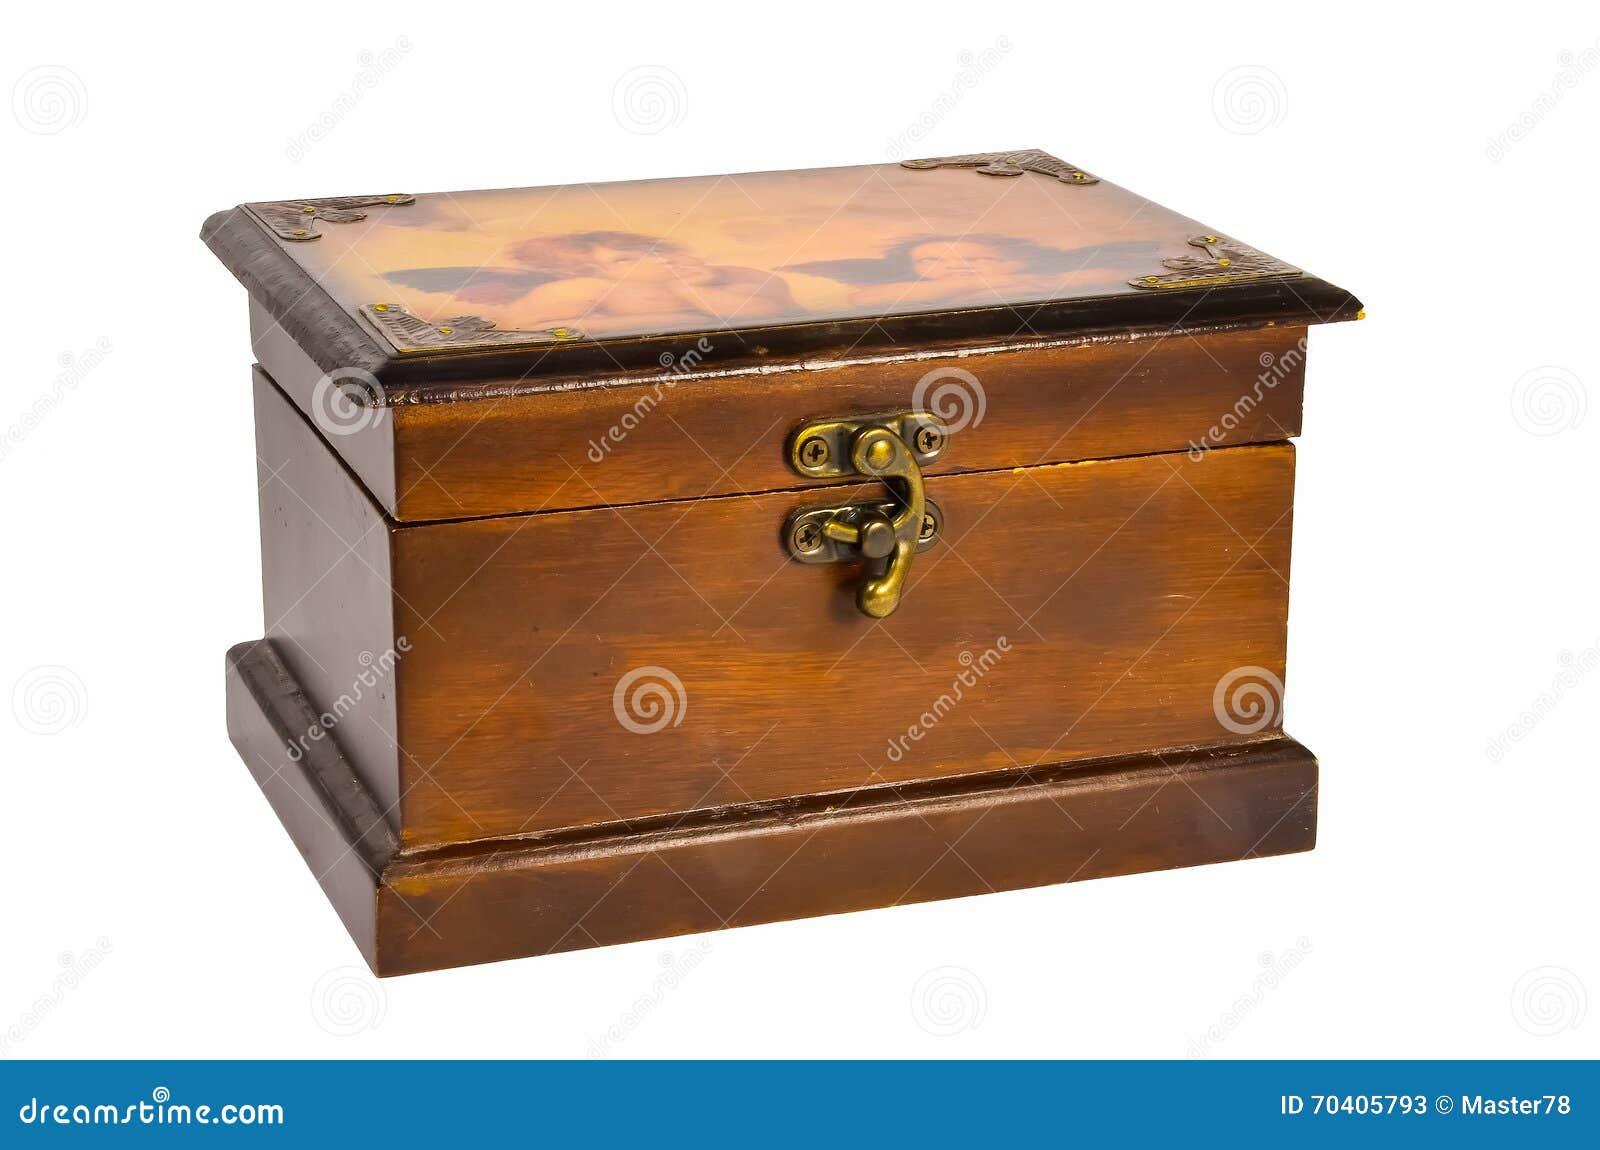 Mooie Houten Box.Mooie Houten Doos Met Twee Engelen Stock Afbeelding Afbeelding